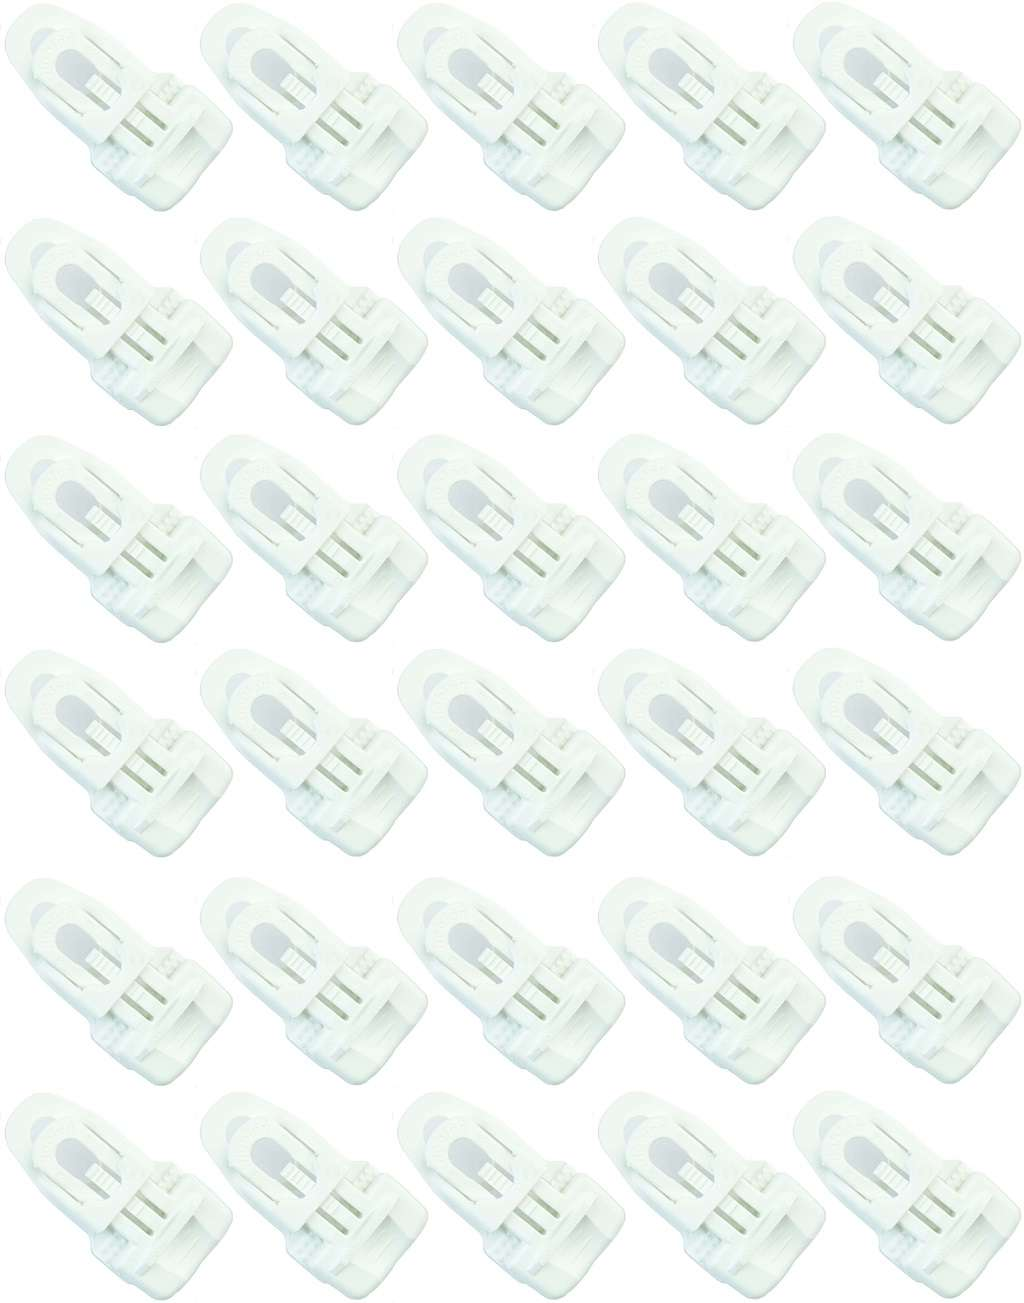 20 x Holdon Banner-Planen-Spanner schwarz MIDI-Clip Spann-Klammer 7 x 4 x 2 cm